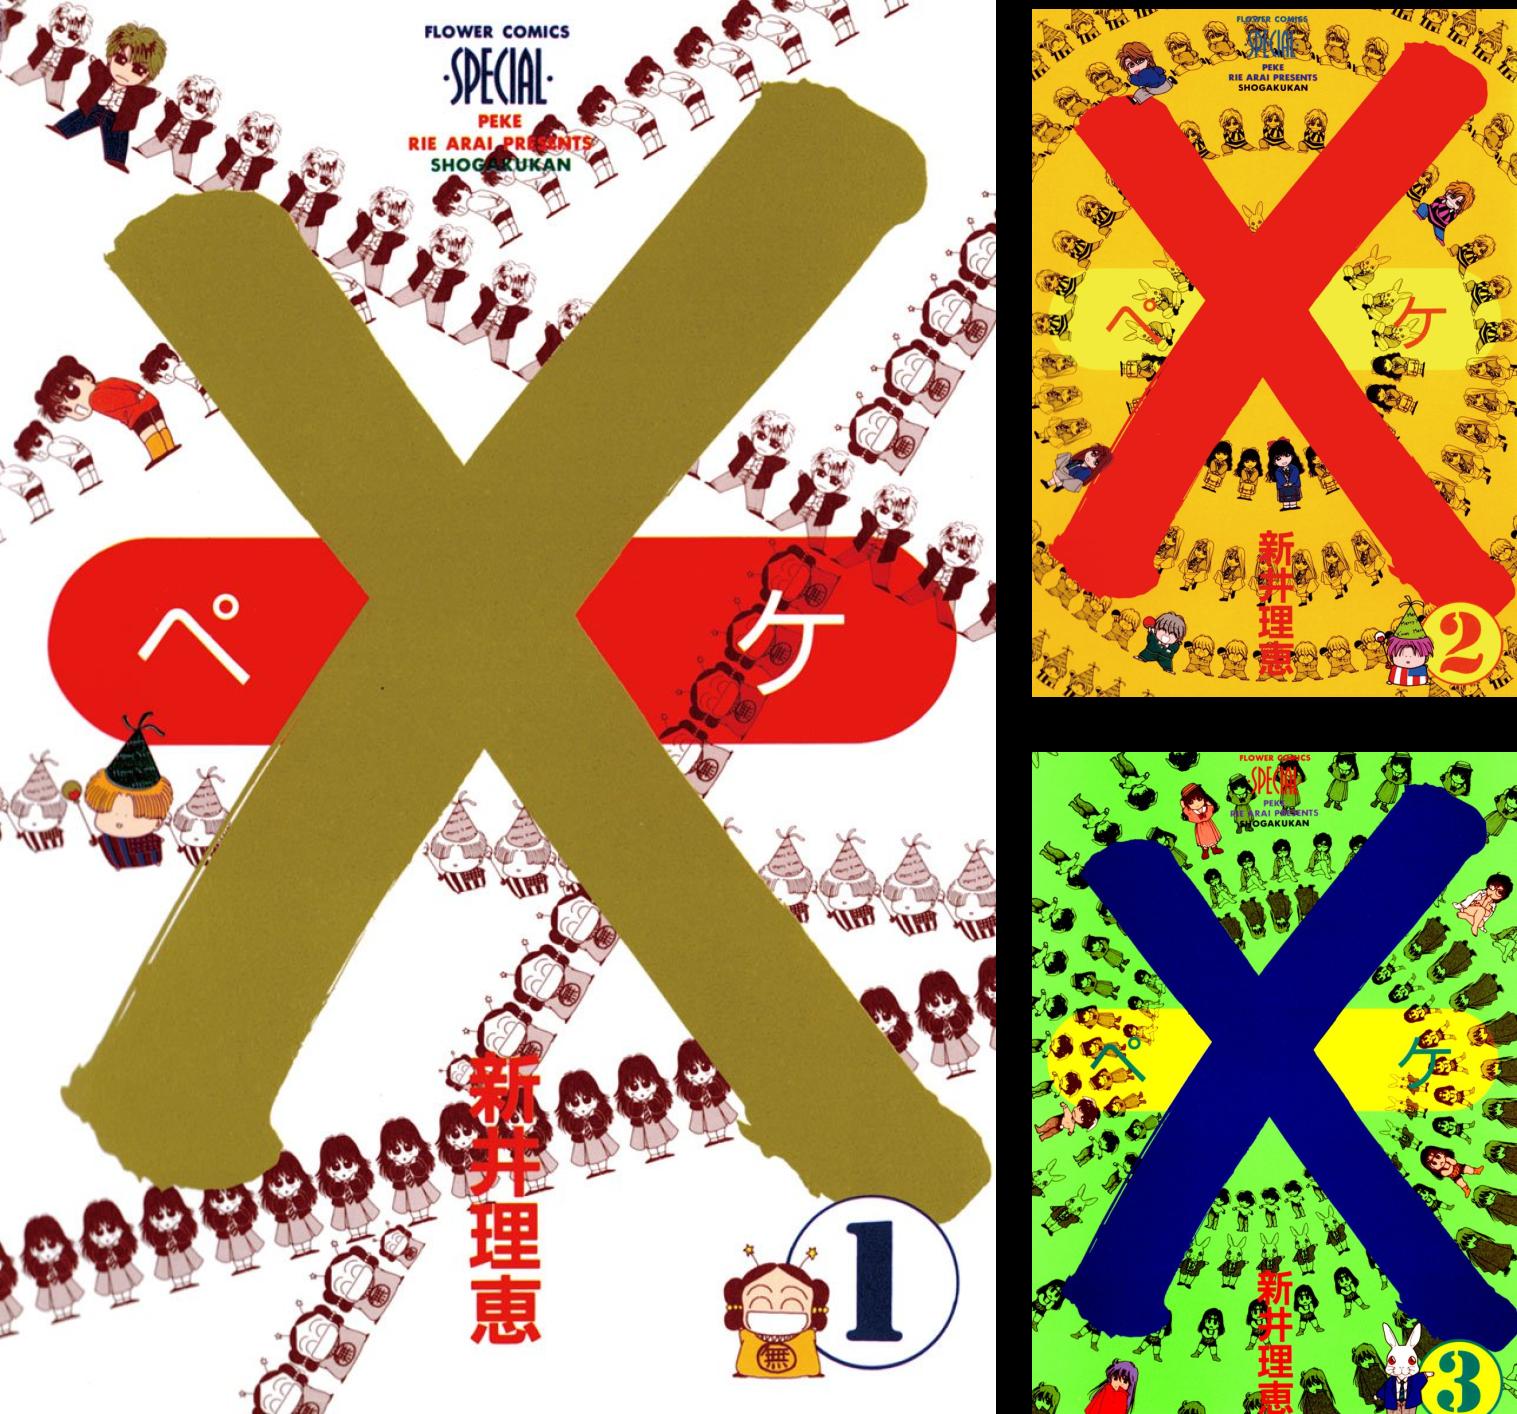 [まとめ買い] ×(ペケ)(フラワーコミックス)